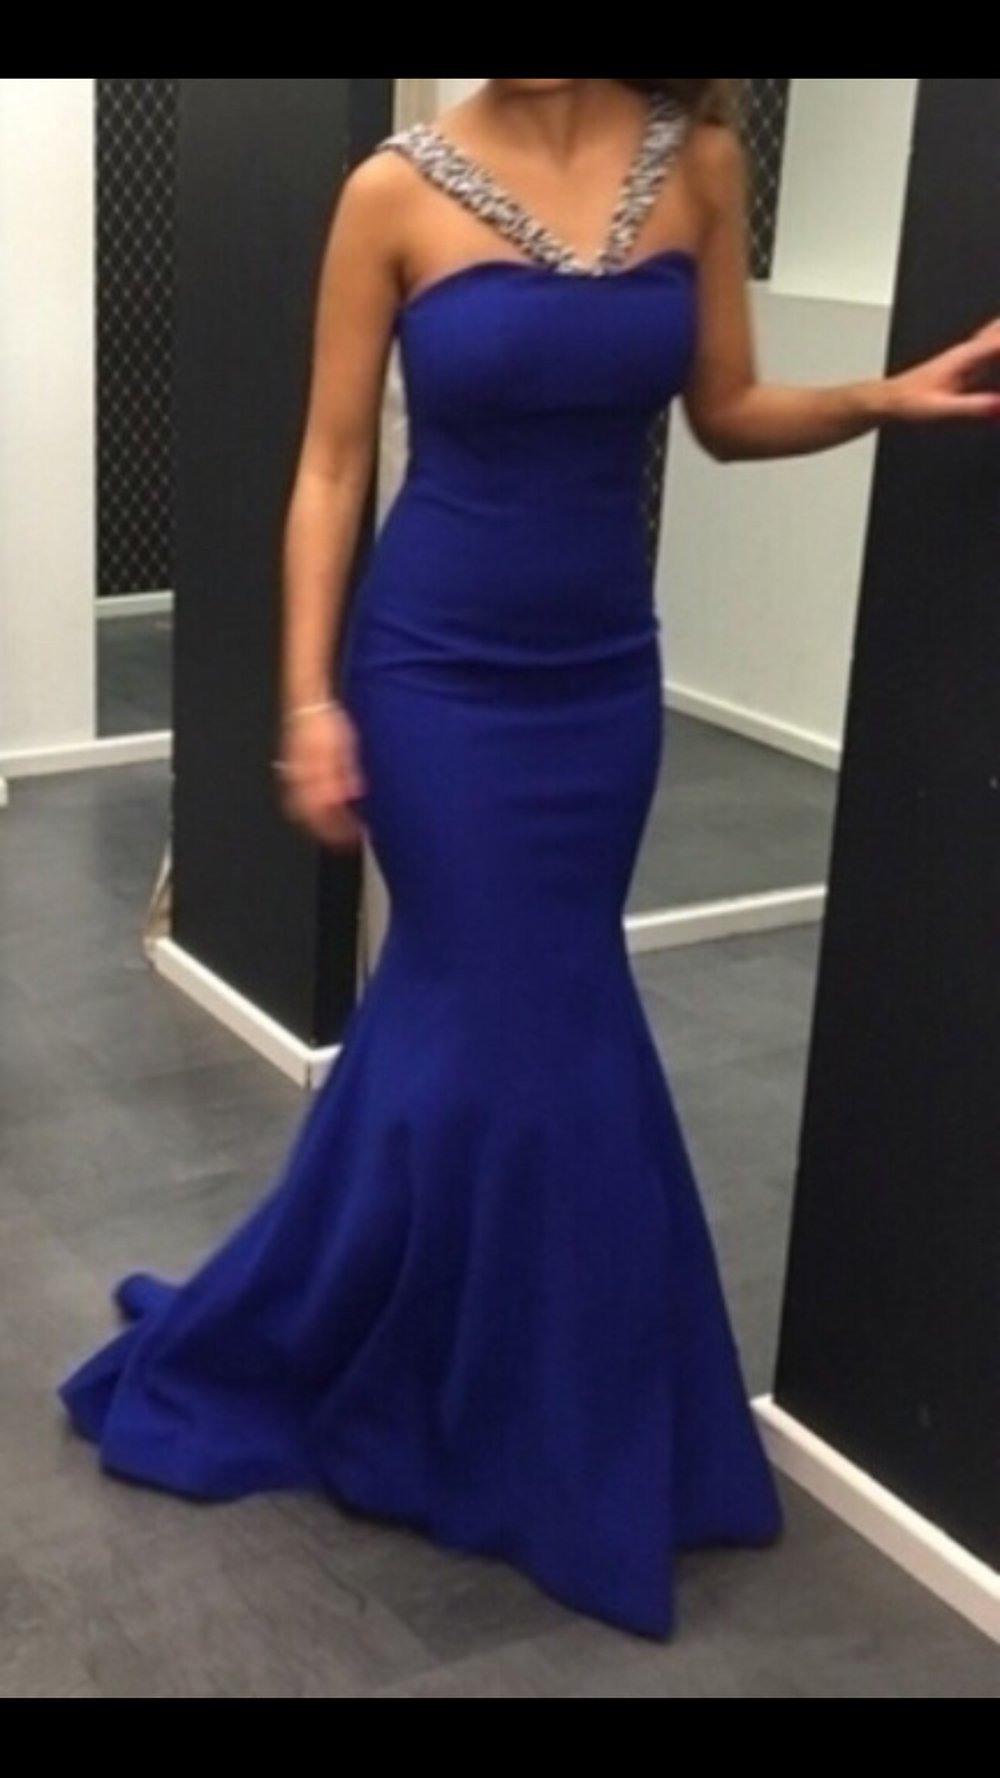 10 Ausgezeichnet Royalblaues Abendkleid Galerie17 Schön Royalblaues Abendkleid Vertrieb